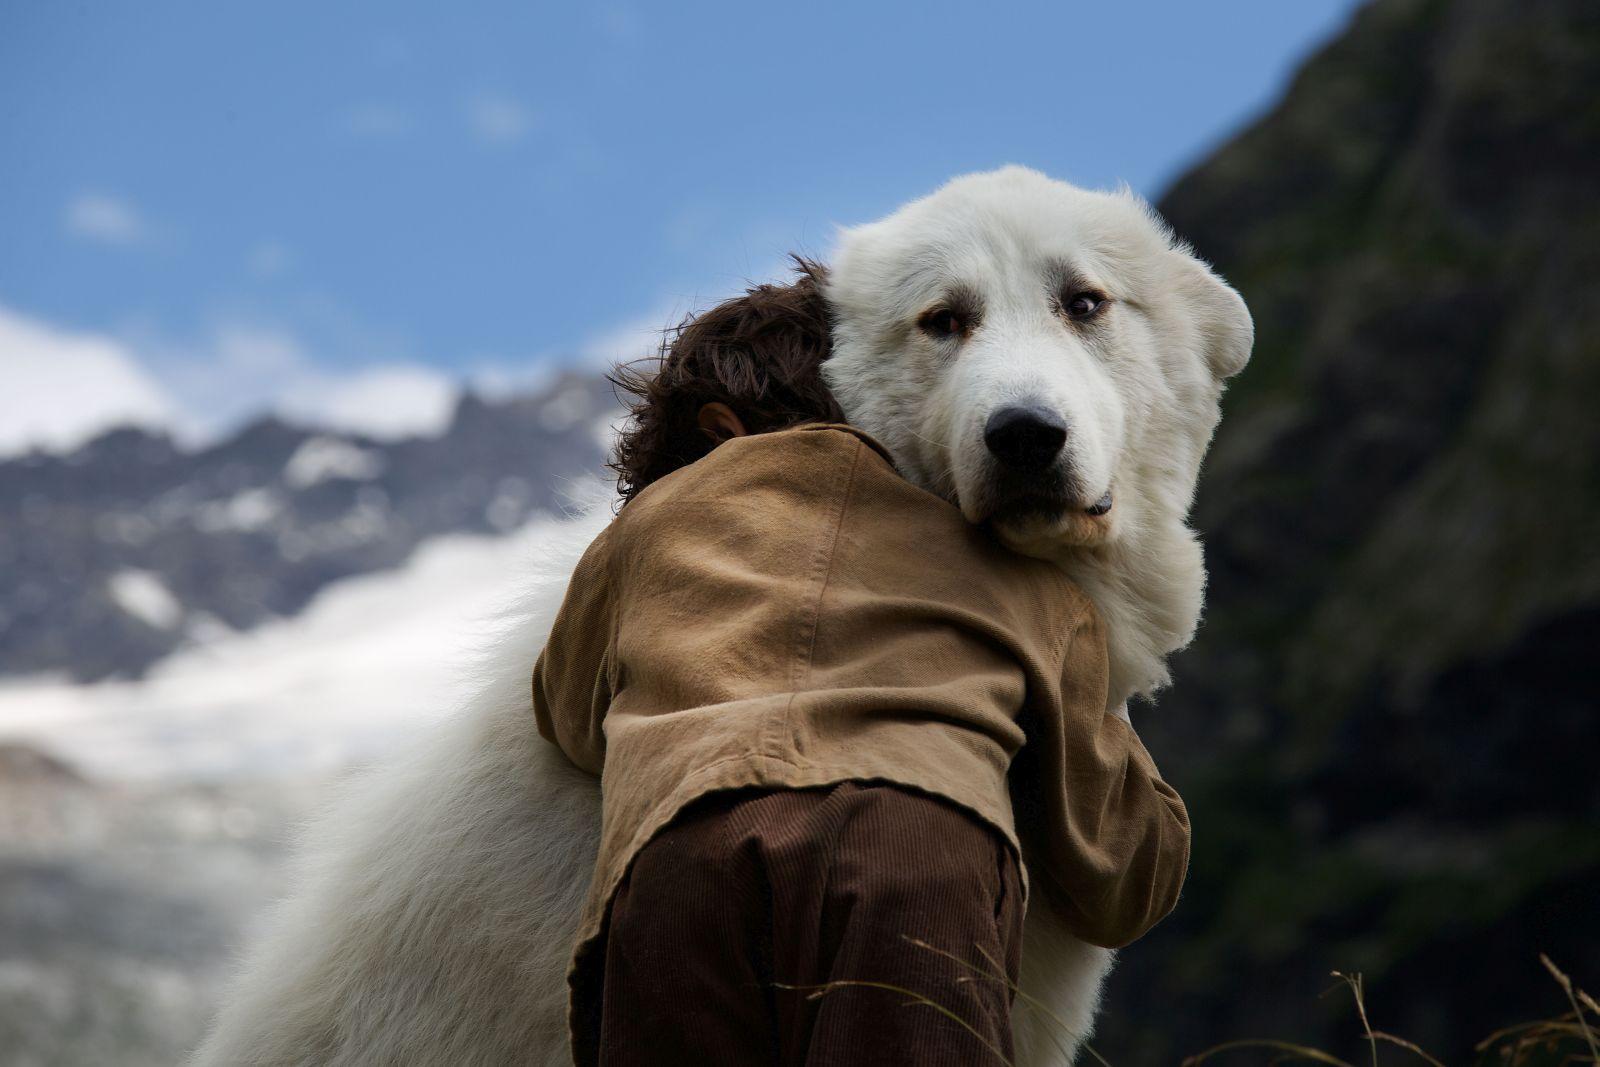 Belle & Sebastien - L'avventura continua: Félix Bossuet abbraccia il suo cane